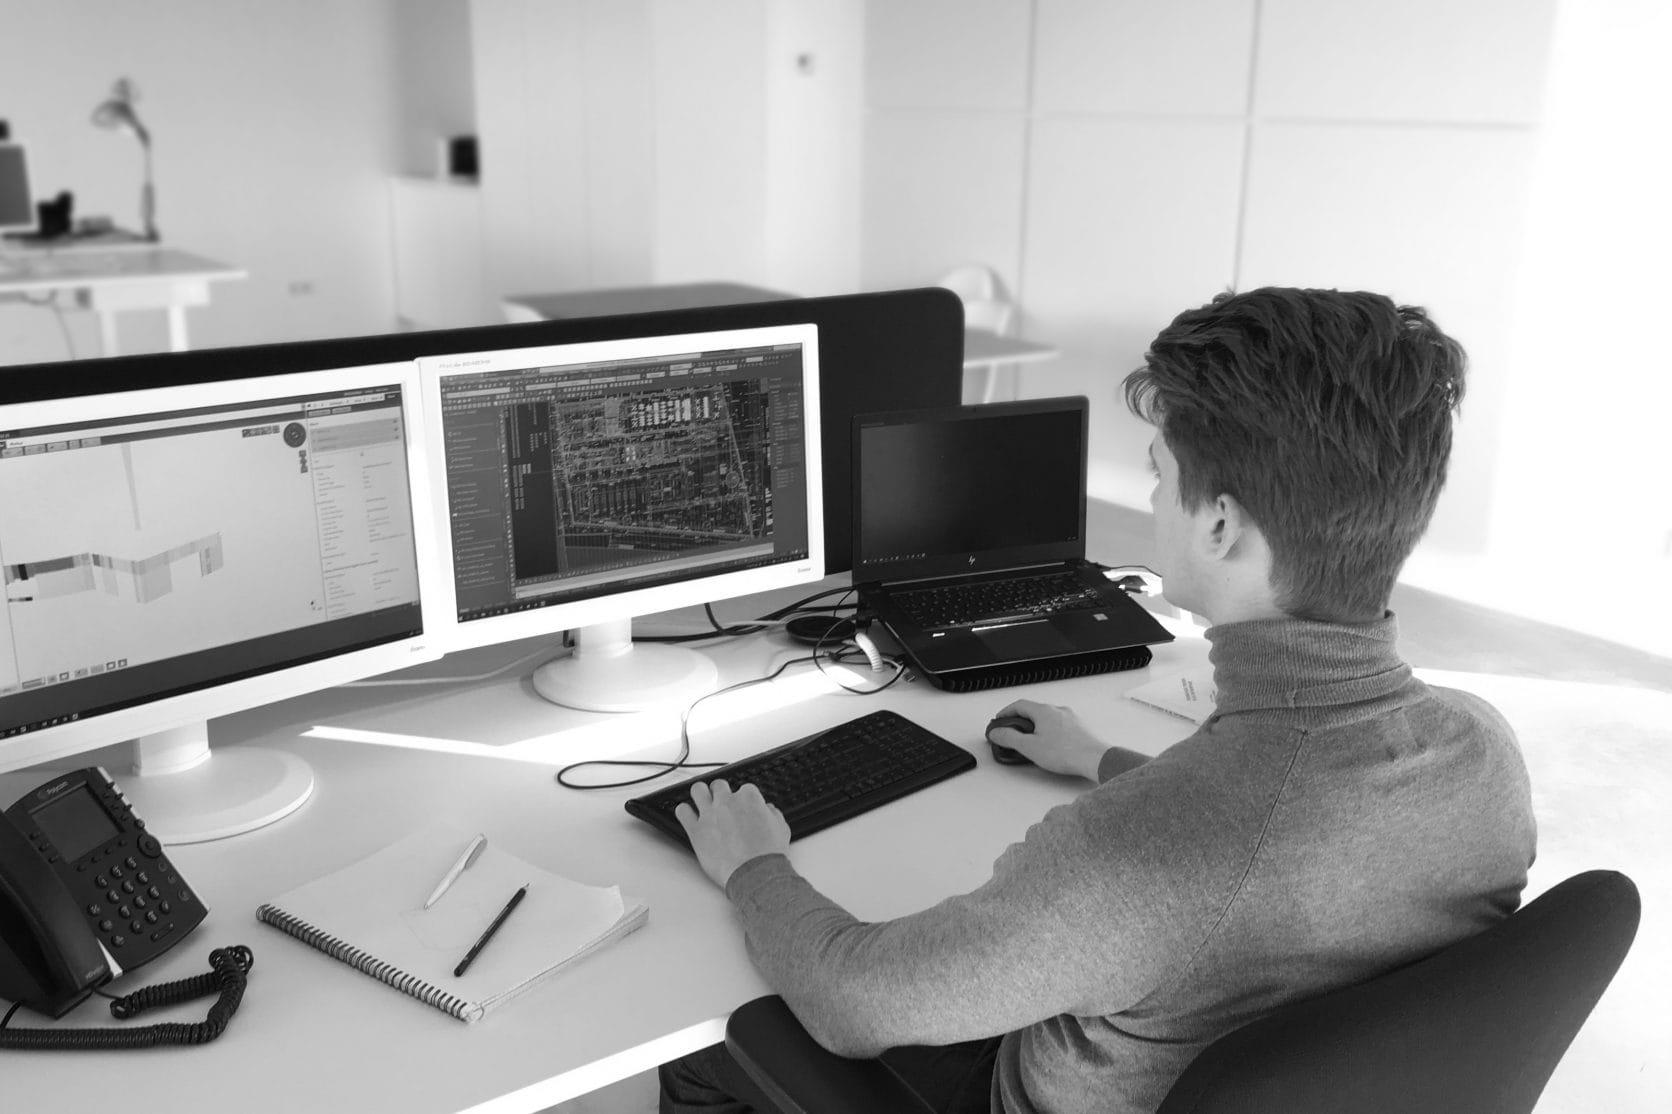 Vacature voor Technisch Tekenaar bij Metadecor in Kampen